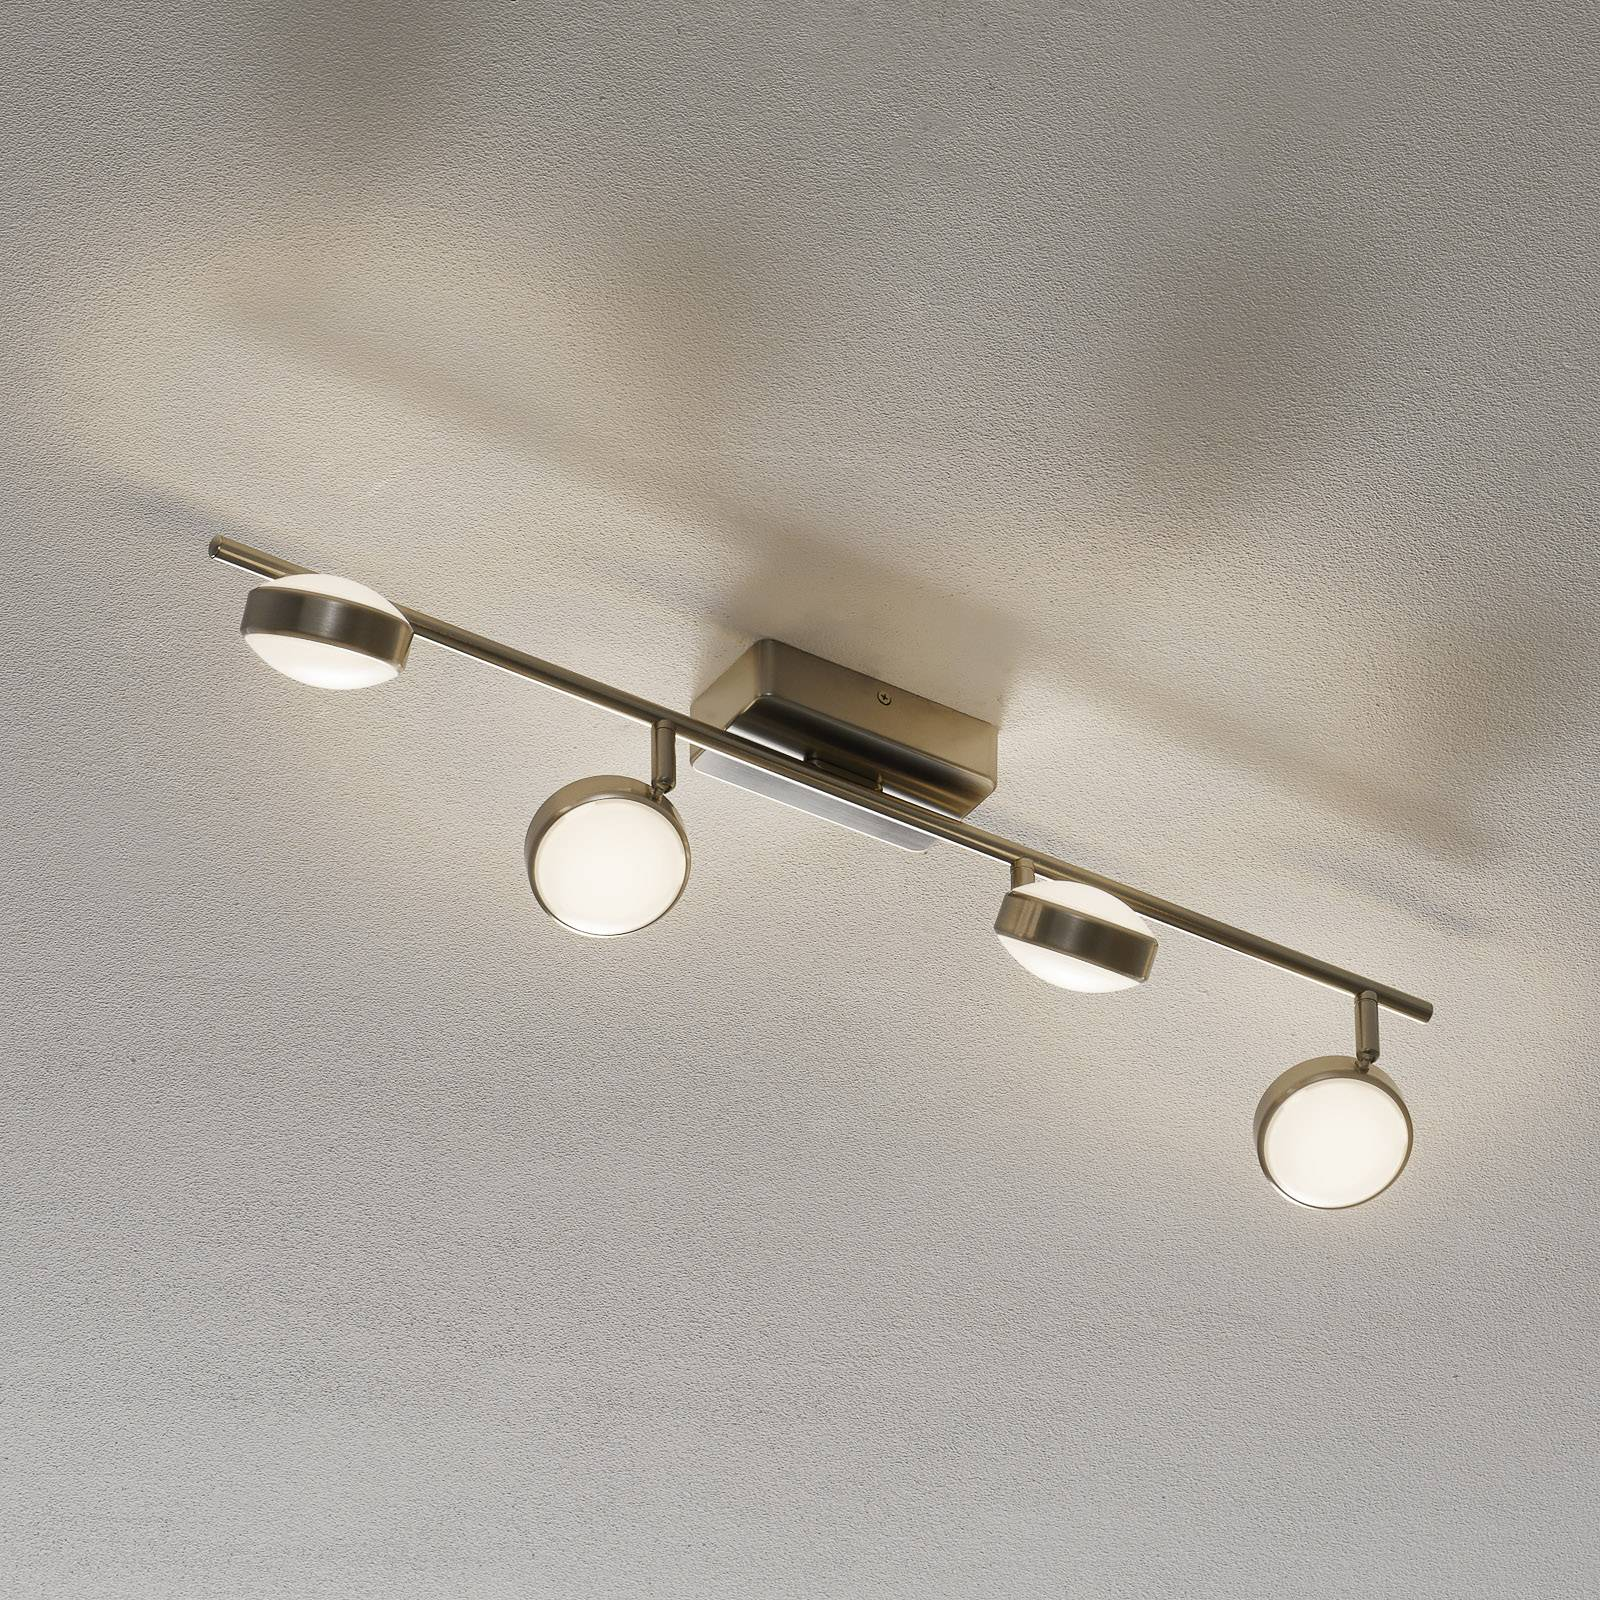 EGLO connect Corropoli-C-LED-kattolamppu 4-lamp.